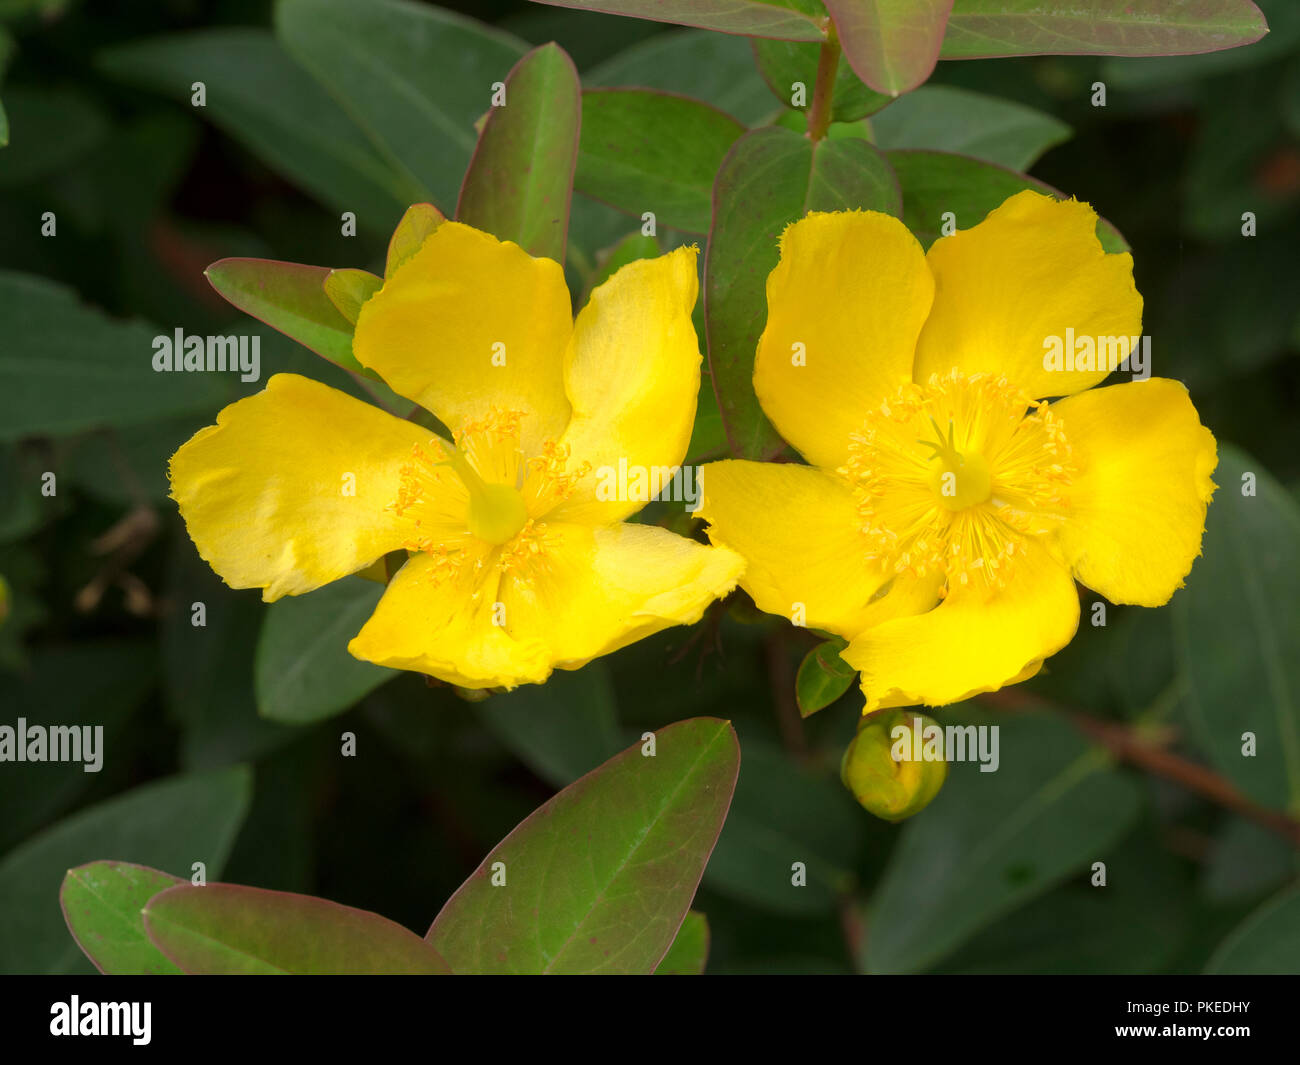 Fiori Gialli Ornamentali.Fiori Gialli Del Semi Evergreen Ornamentali Arbusto Hardy